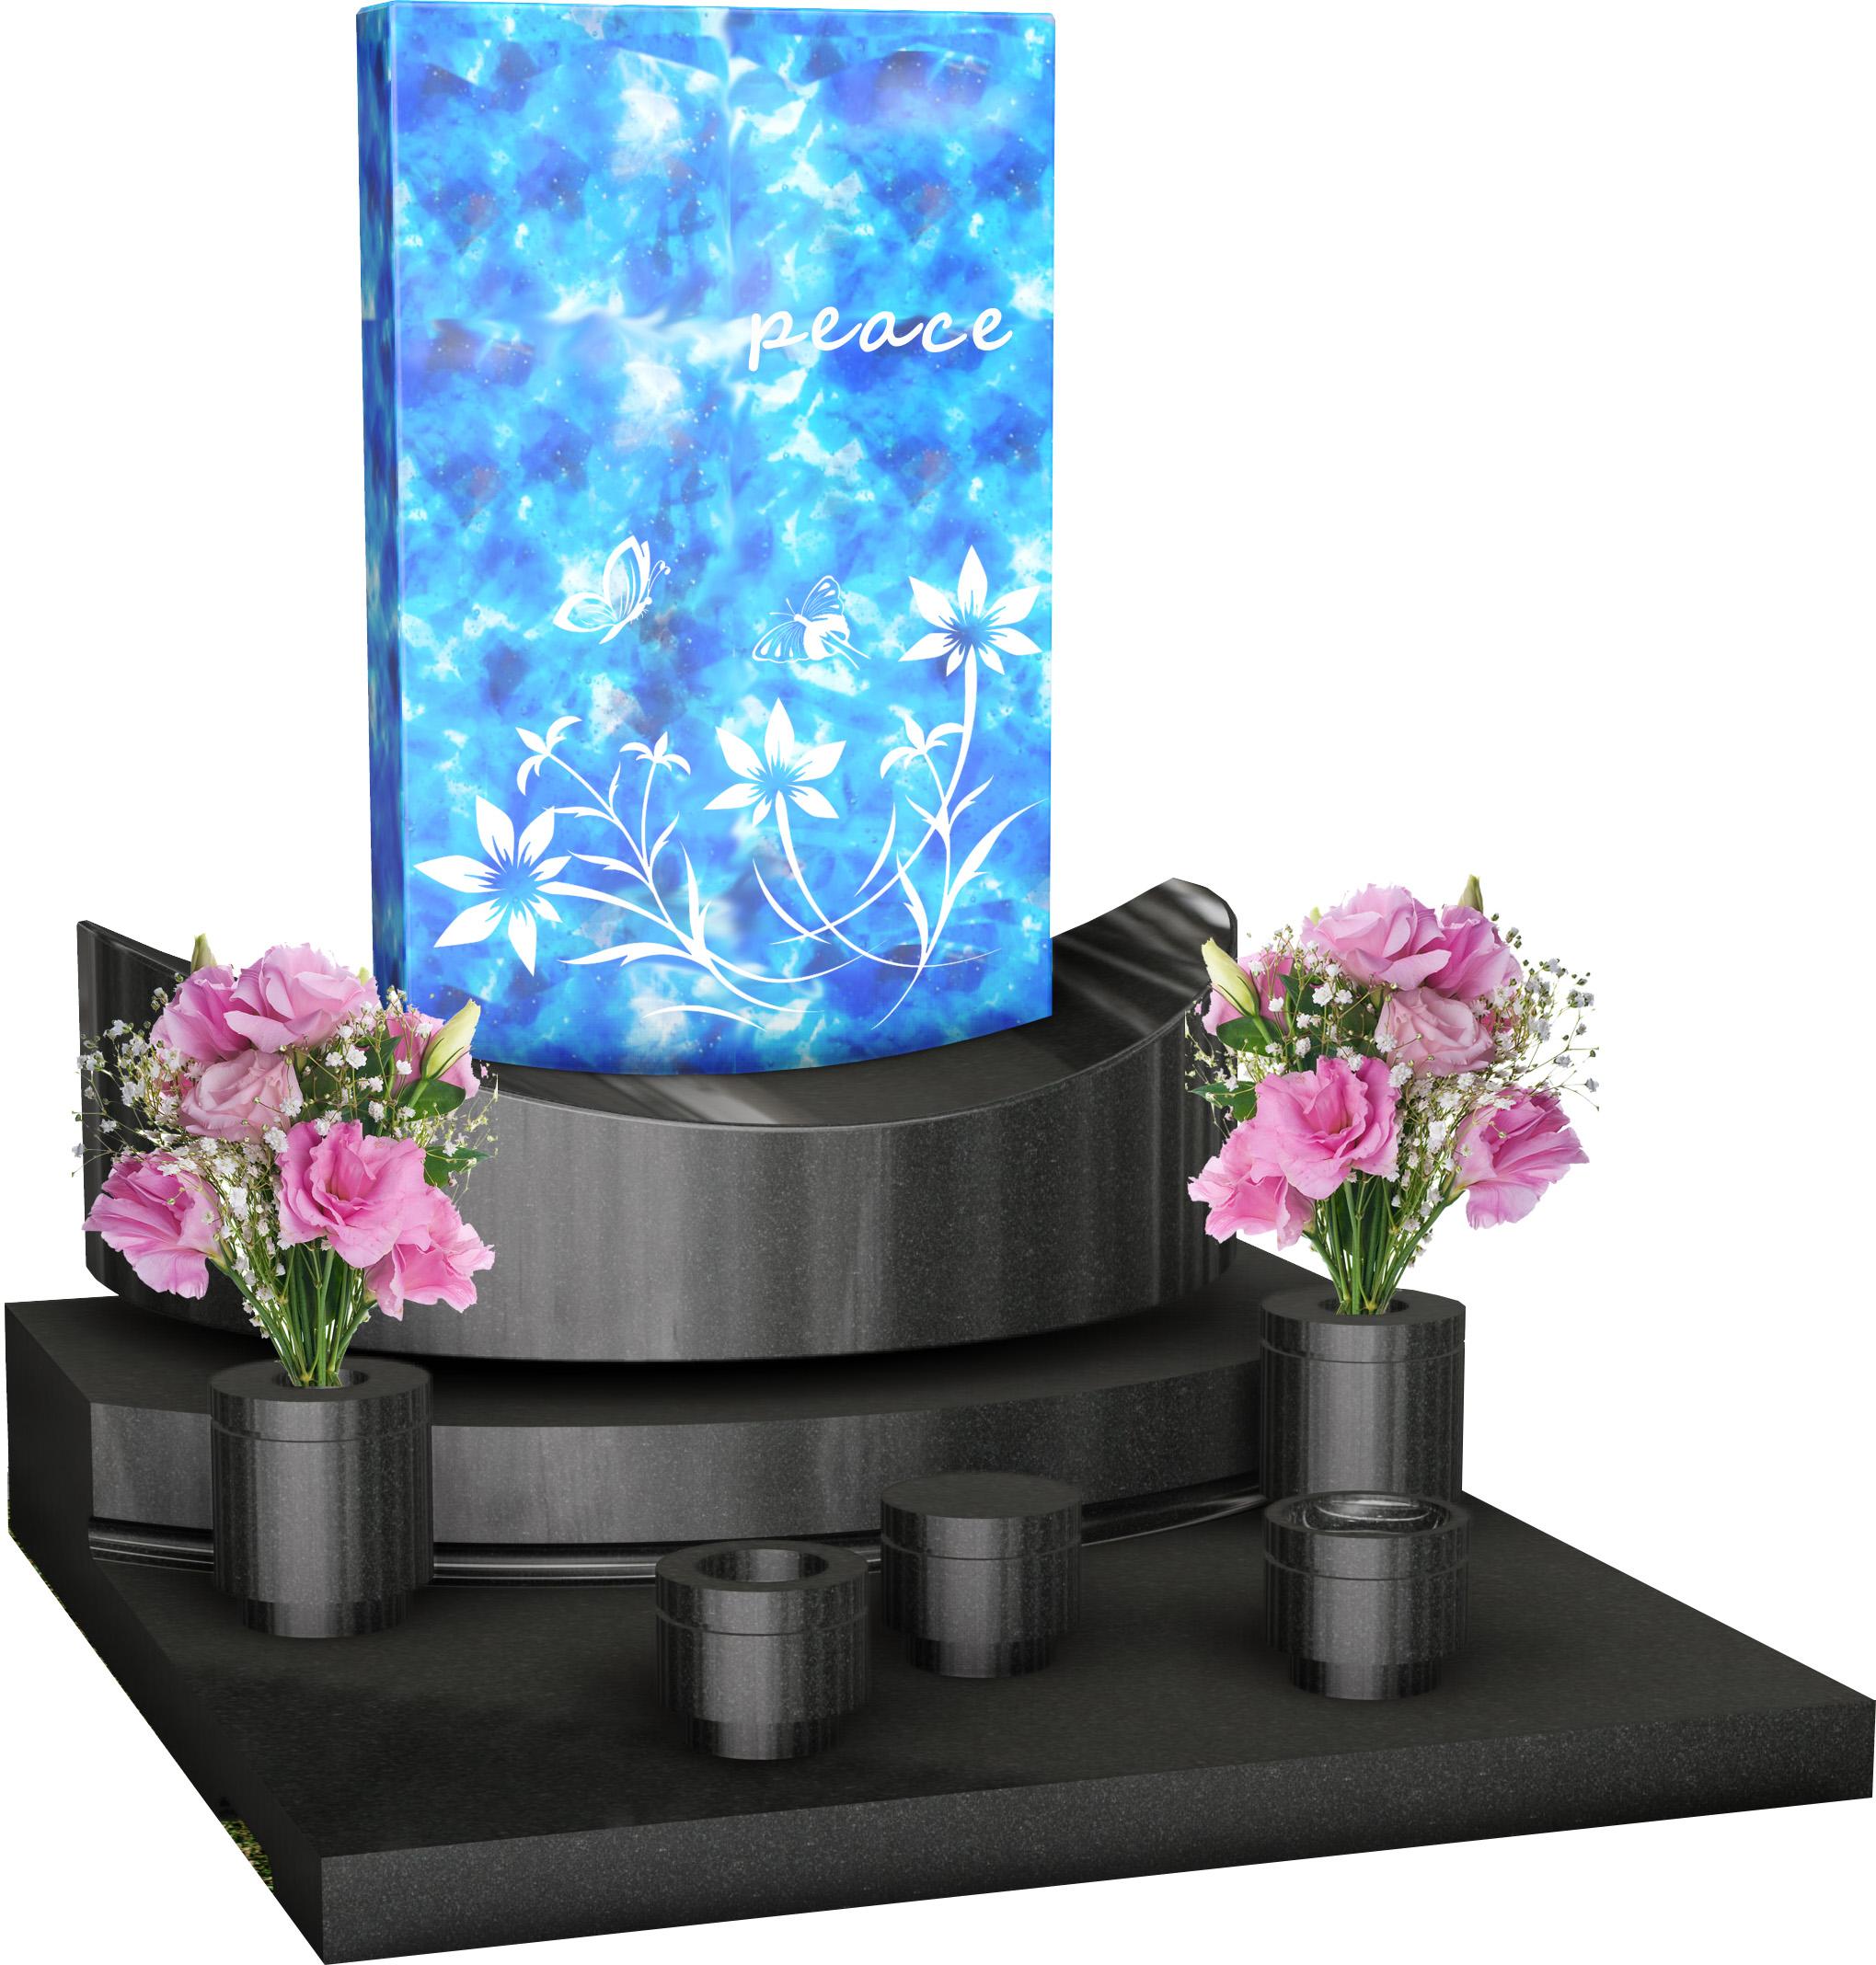 光-Hikari- 光-Hikari- - お墓のご紹介 / お墓を建てる | 滝川や札幌でお墓